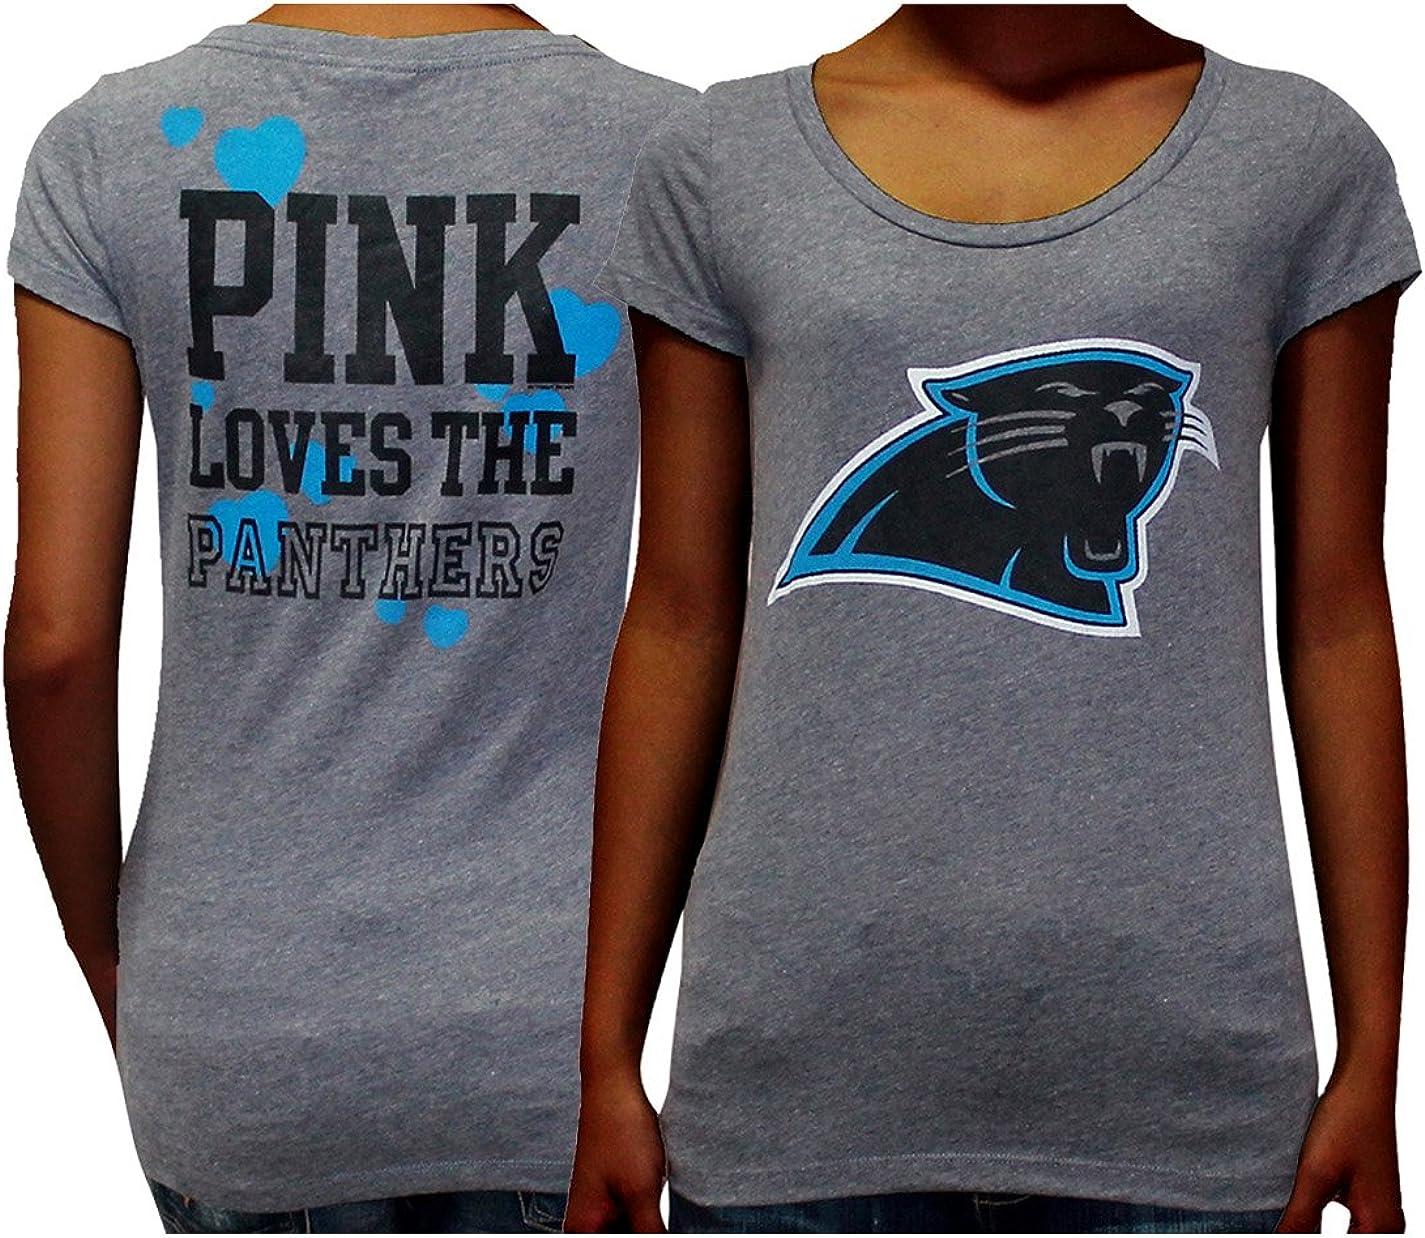 pink carolina panthers shirt